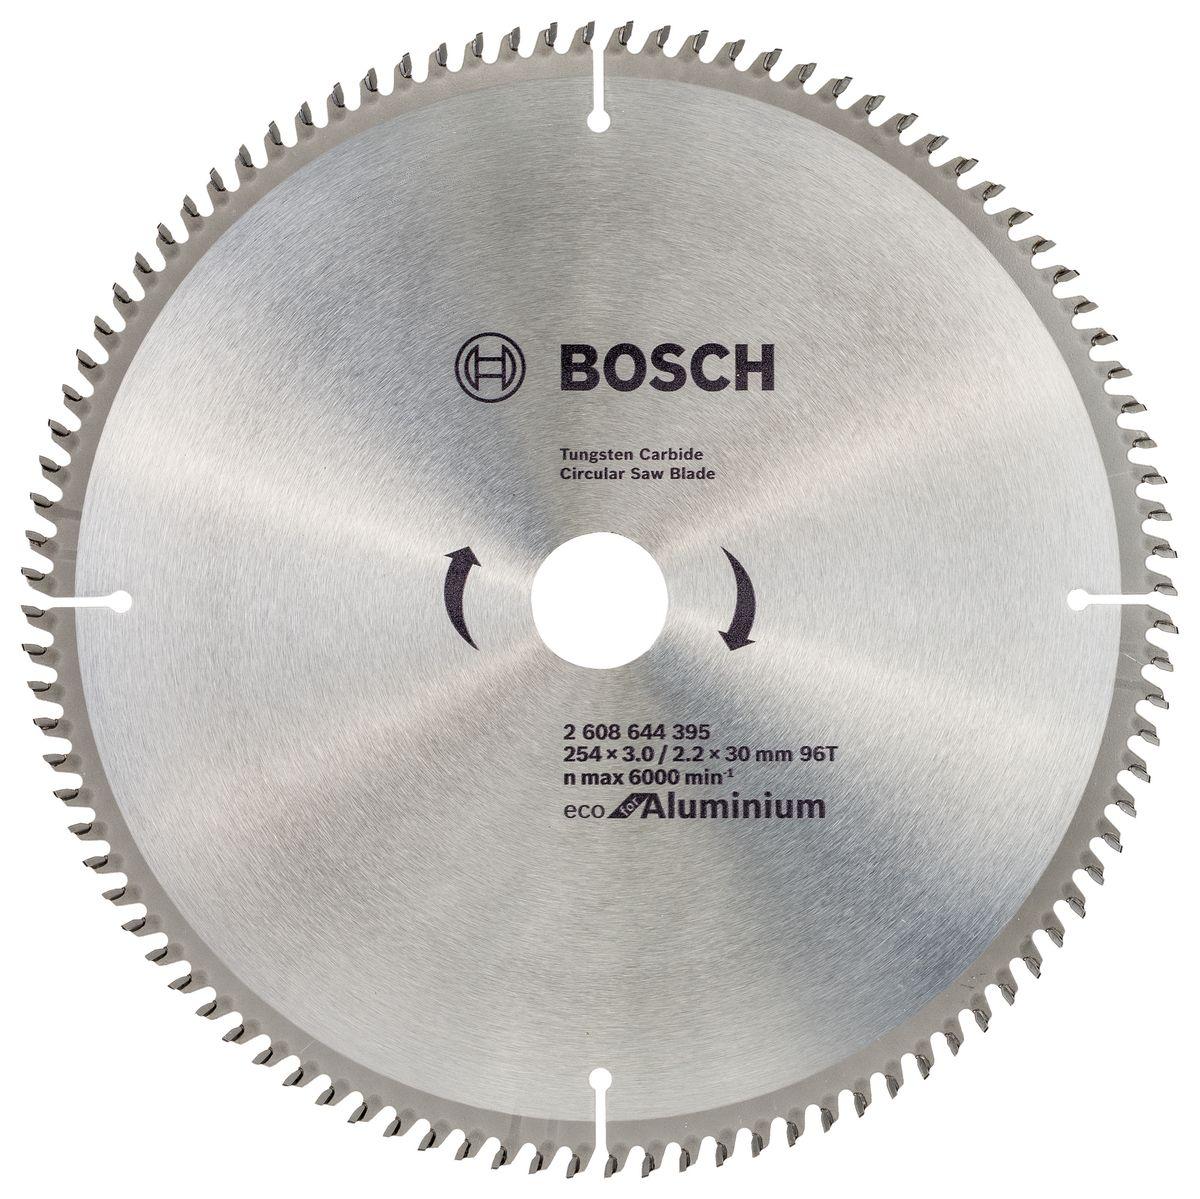 Диск пильный Bosch ECO, для алюминия, 96Т, 254 x 30 мм. 2608644395 bosch 2608644380 пильный диск eco wo 200x32 48t